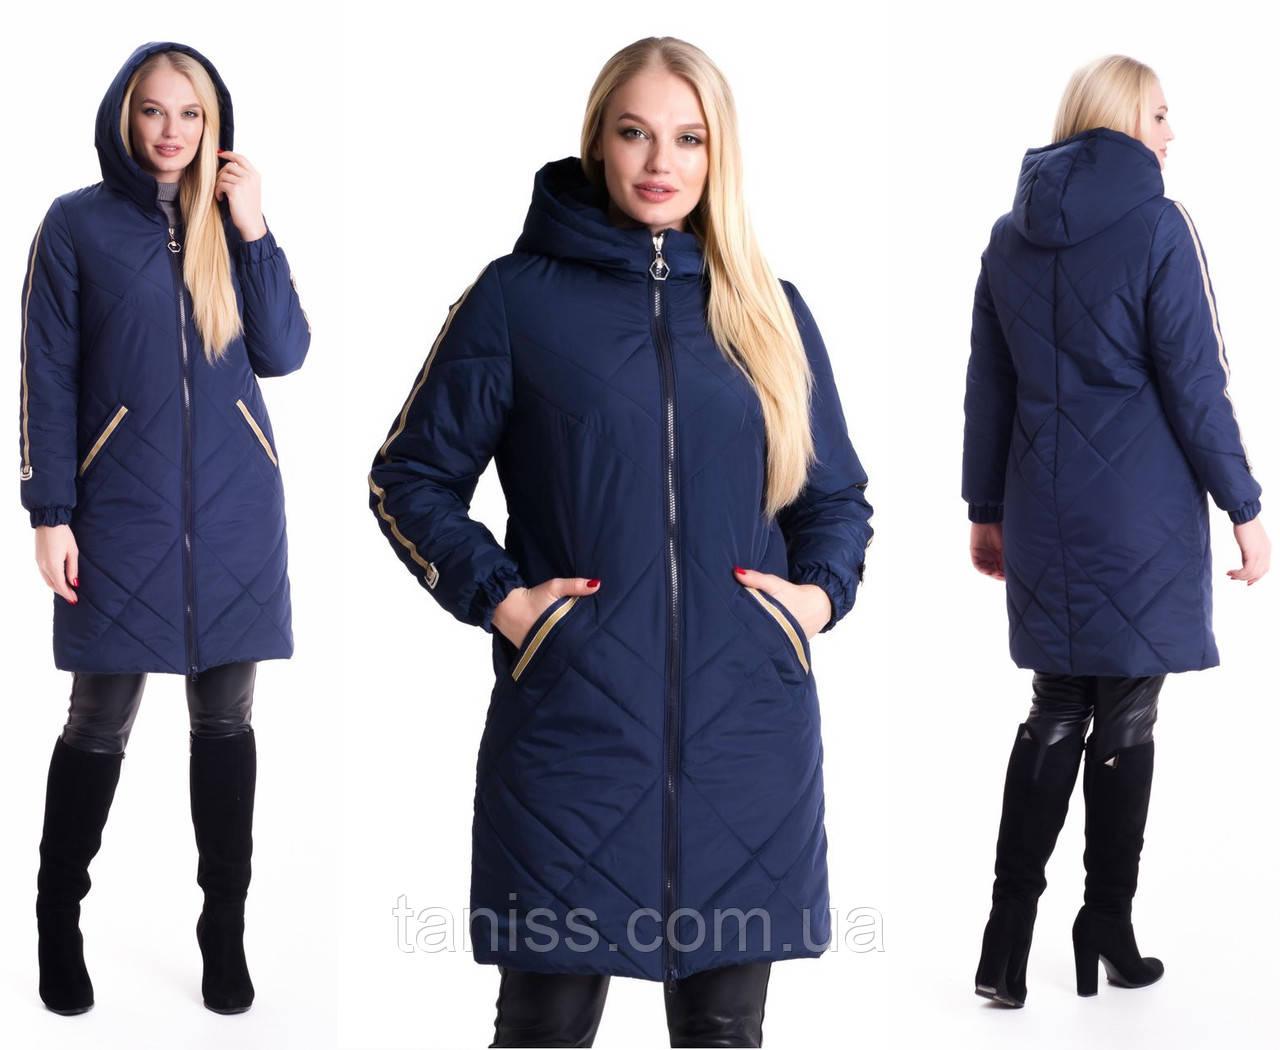 Молодіжна, весняна , демісезонна куртка на блискавці, Розміри 42. 44. 46. 48. 50. 56. 58. 60 синій